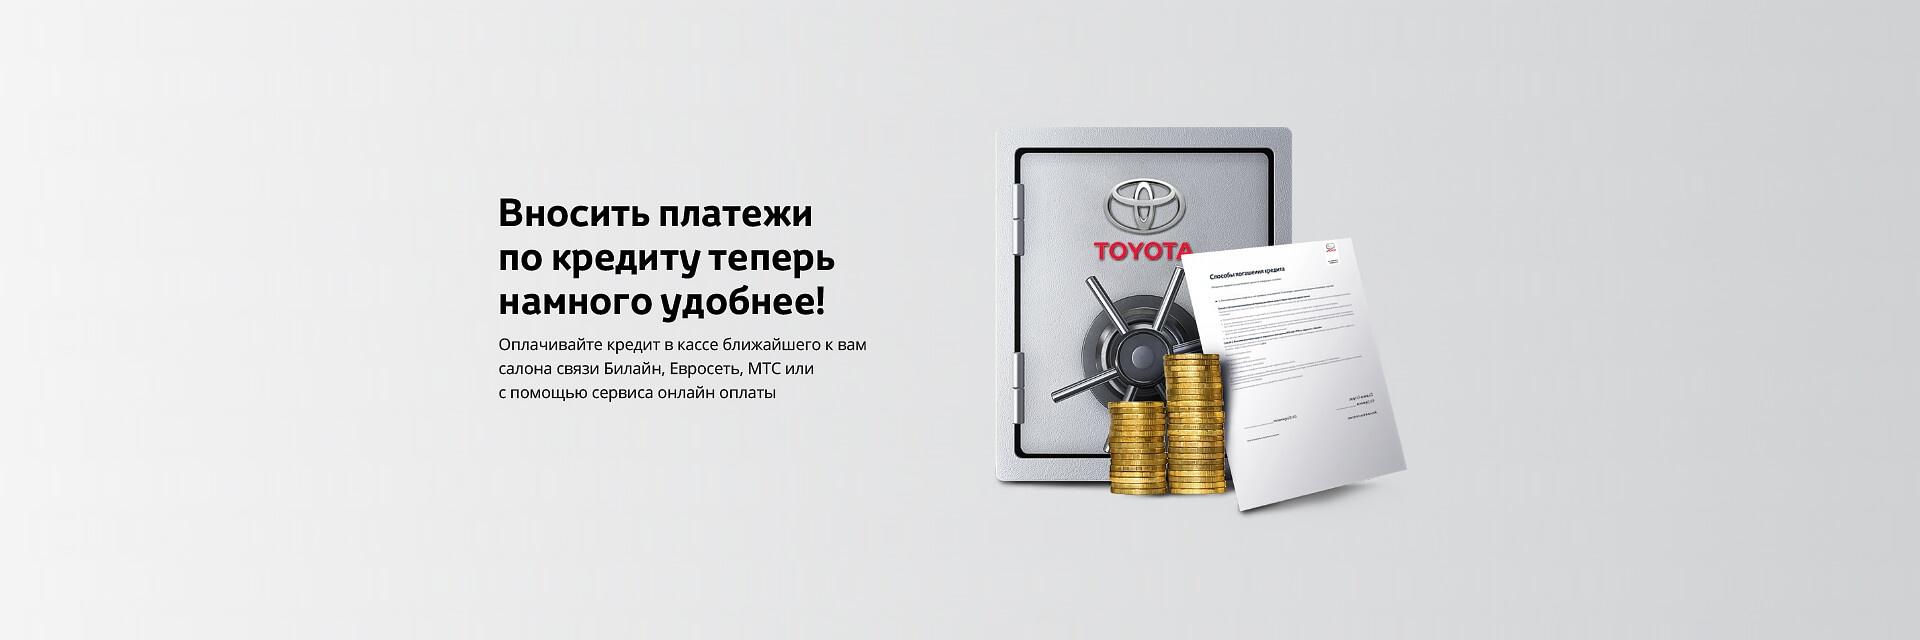 Правила открытия и обслуживания текущих счетов ФЛ в АО Тойота Банк в связи с предоставлением кредита (действуют c 18 июня 2018г.